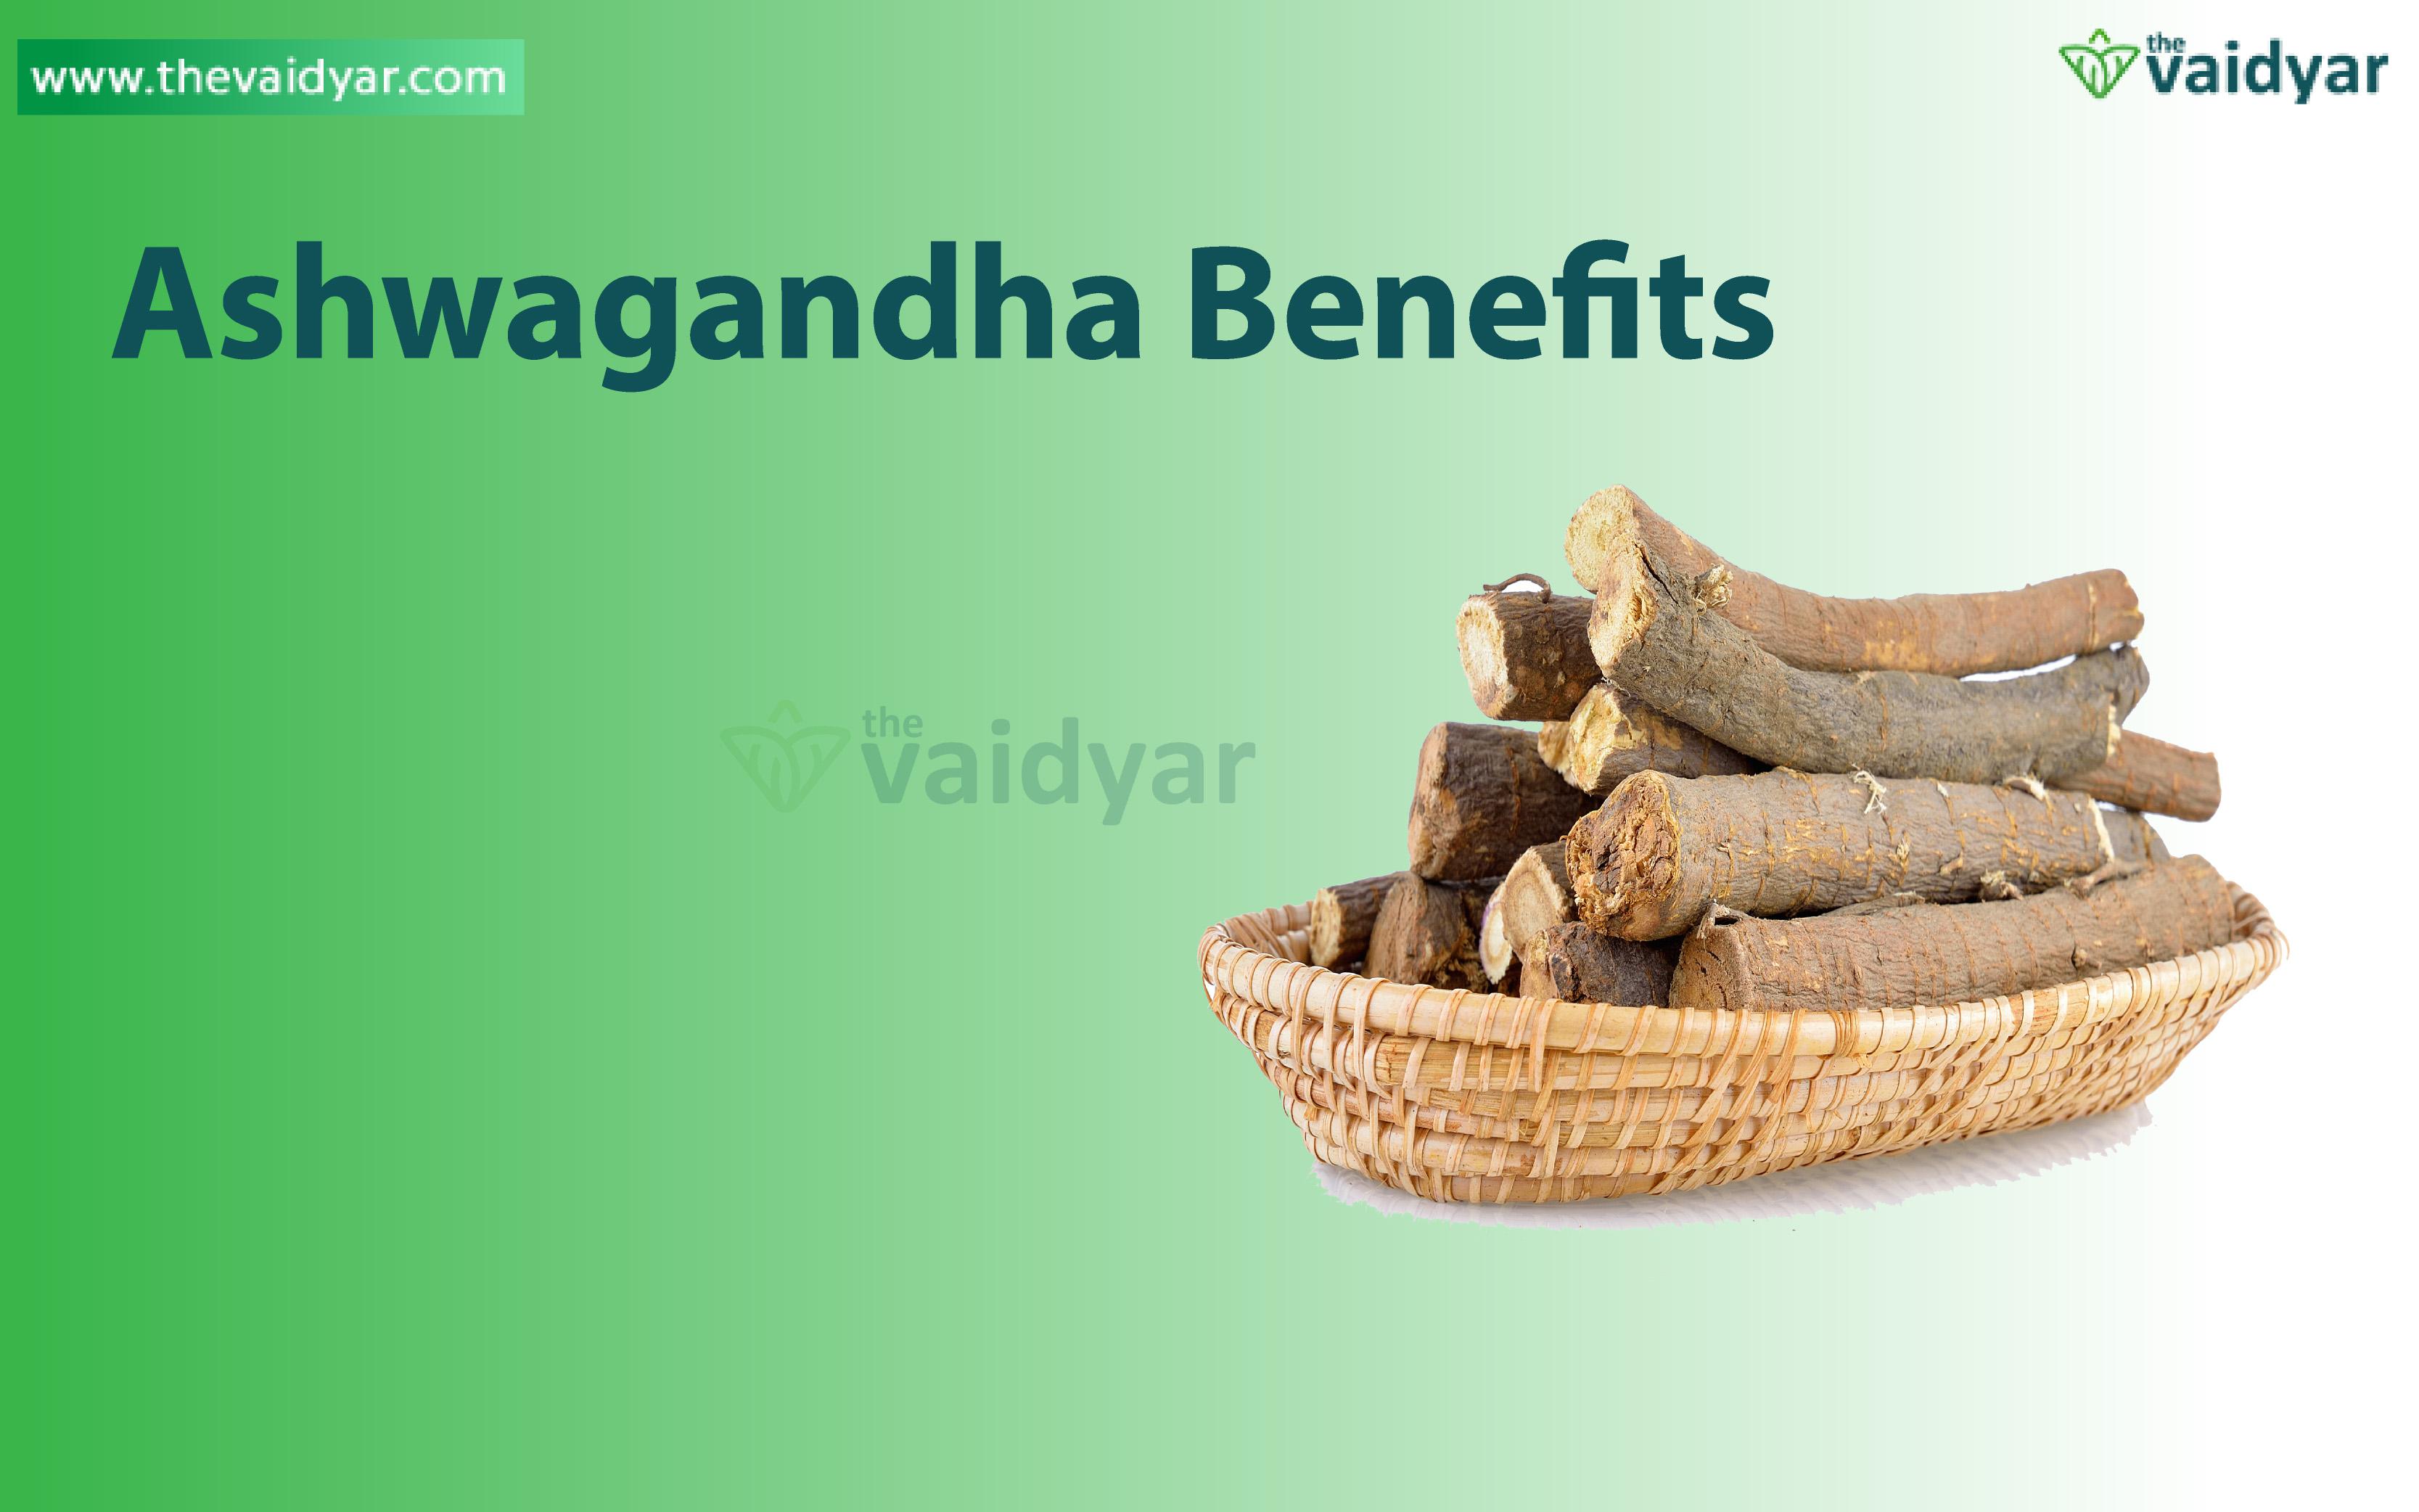 Ashwagandha Ayurvedic Health Benefits photo